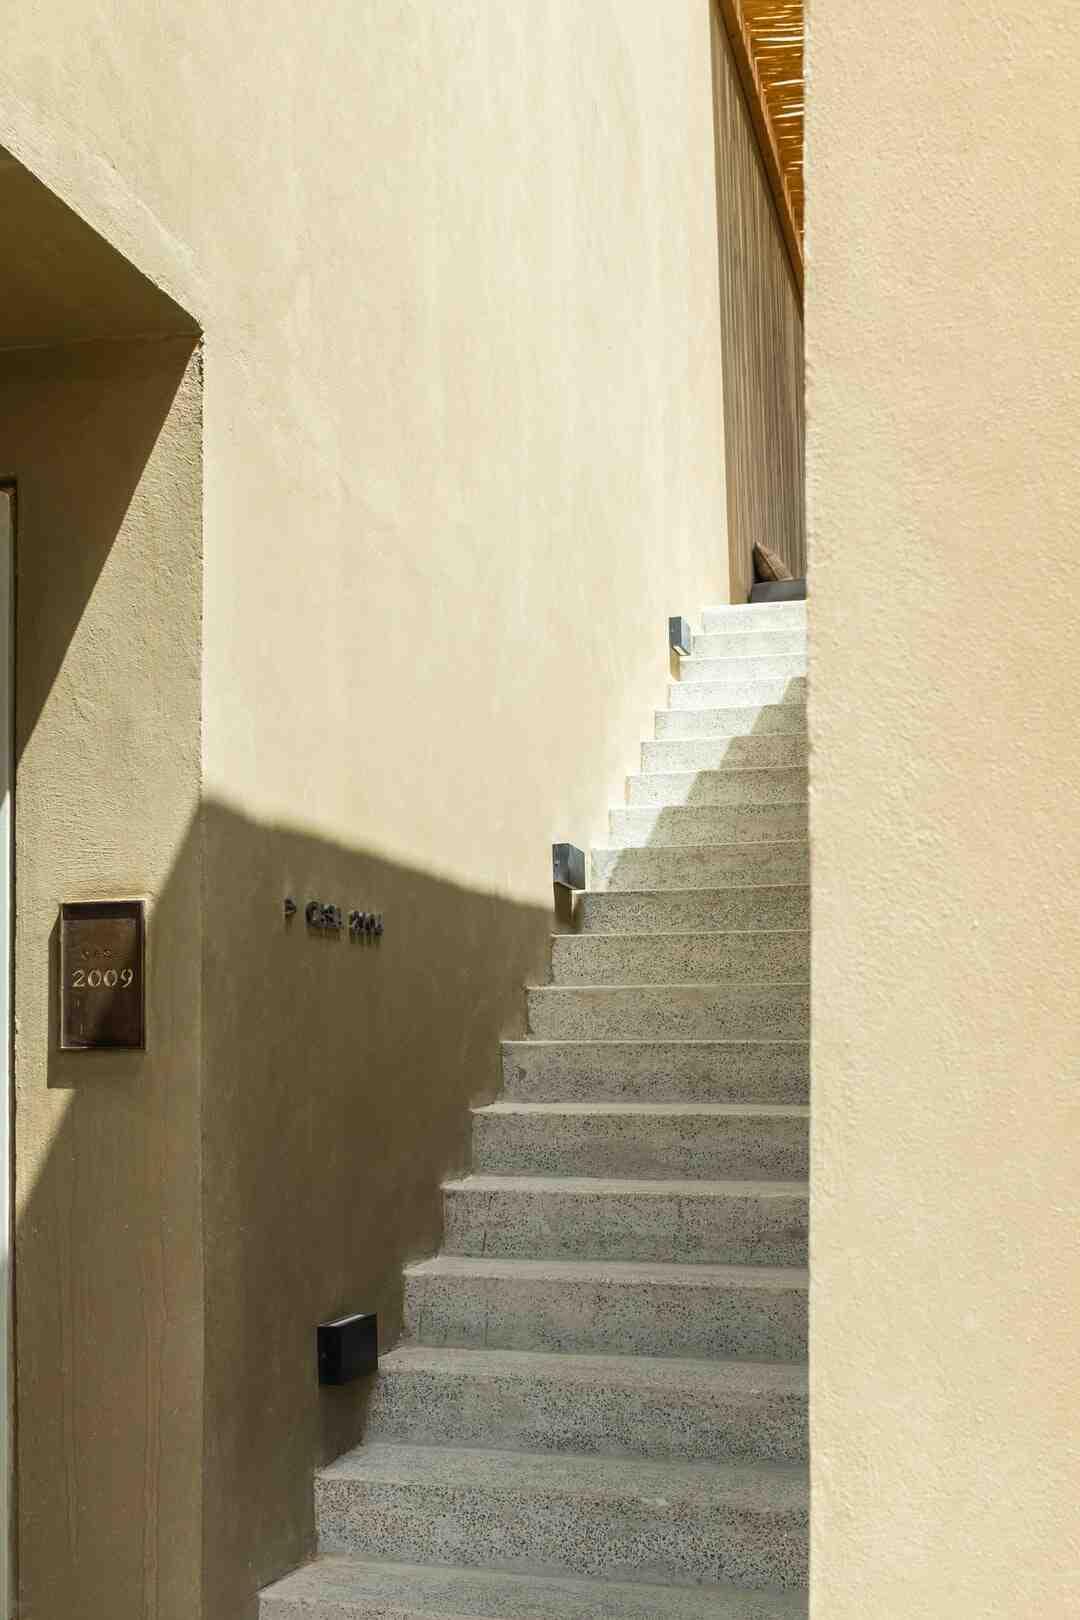 Comment nettoyer un escalier en bois encrassé ?